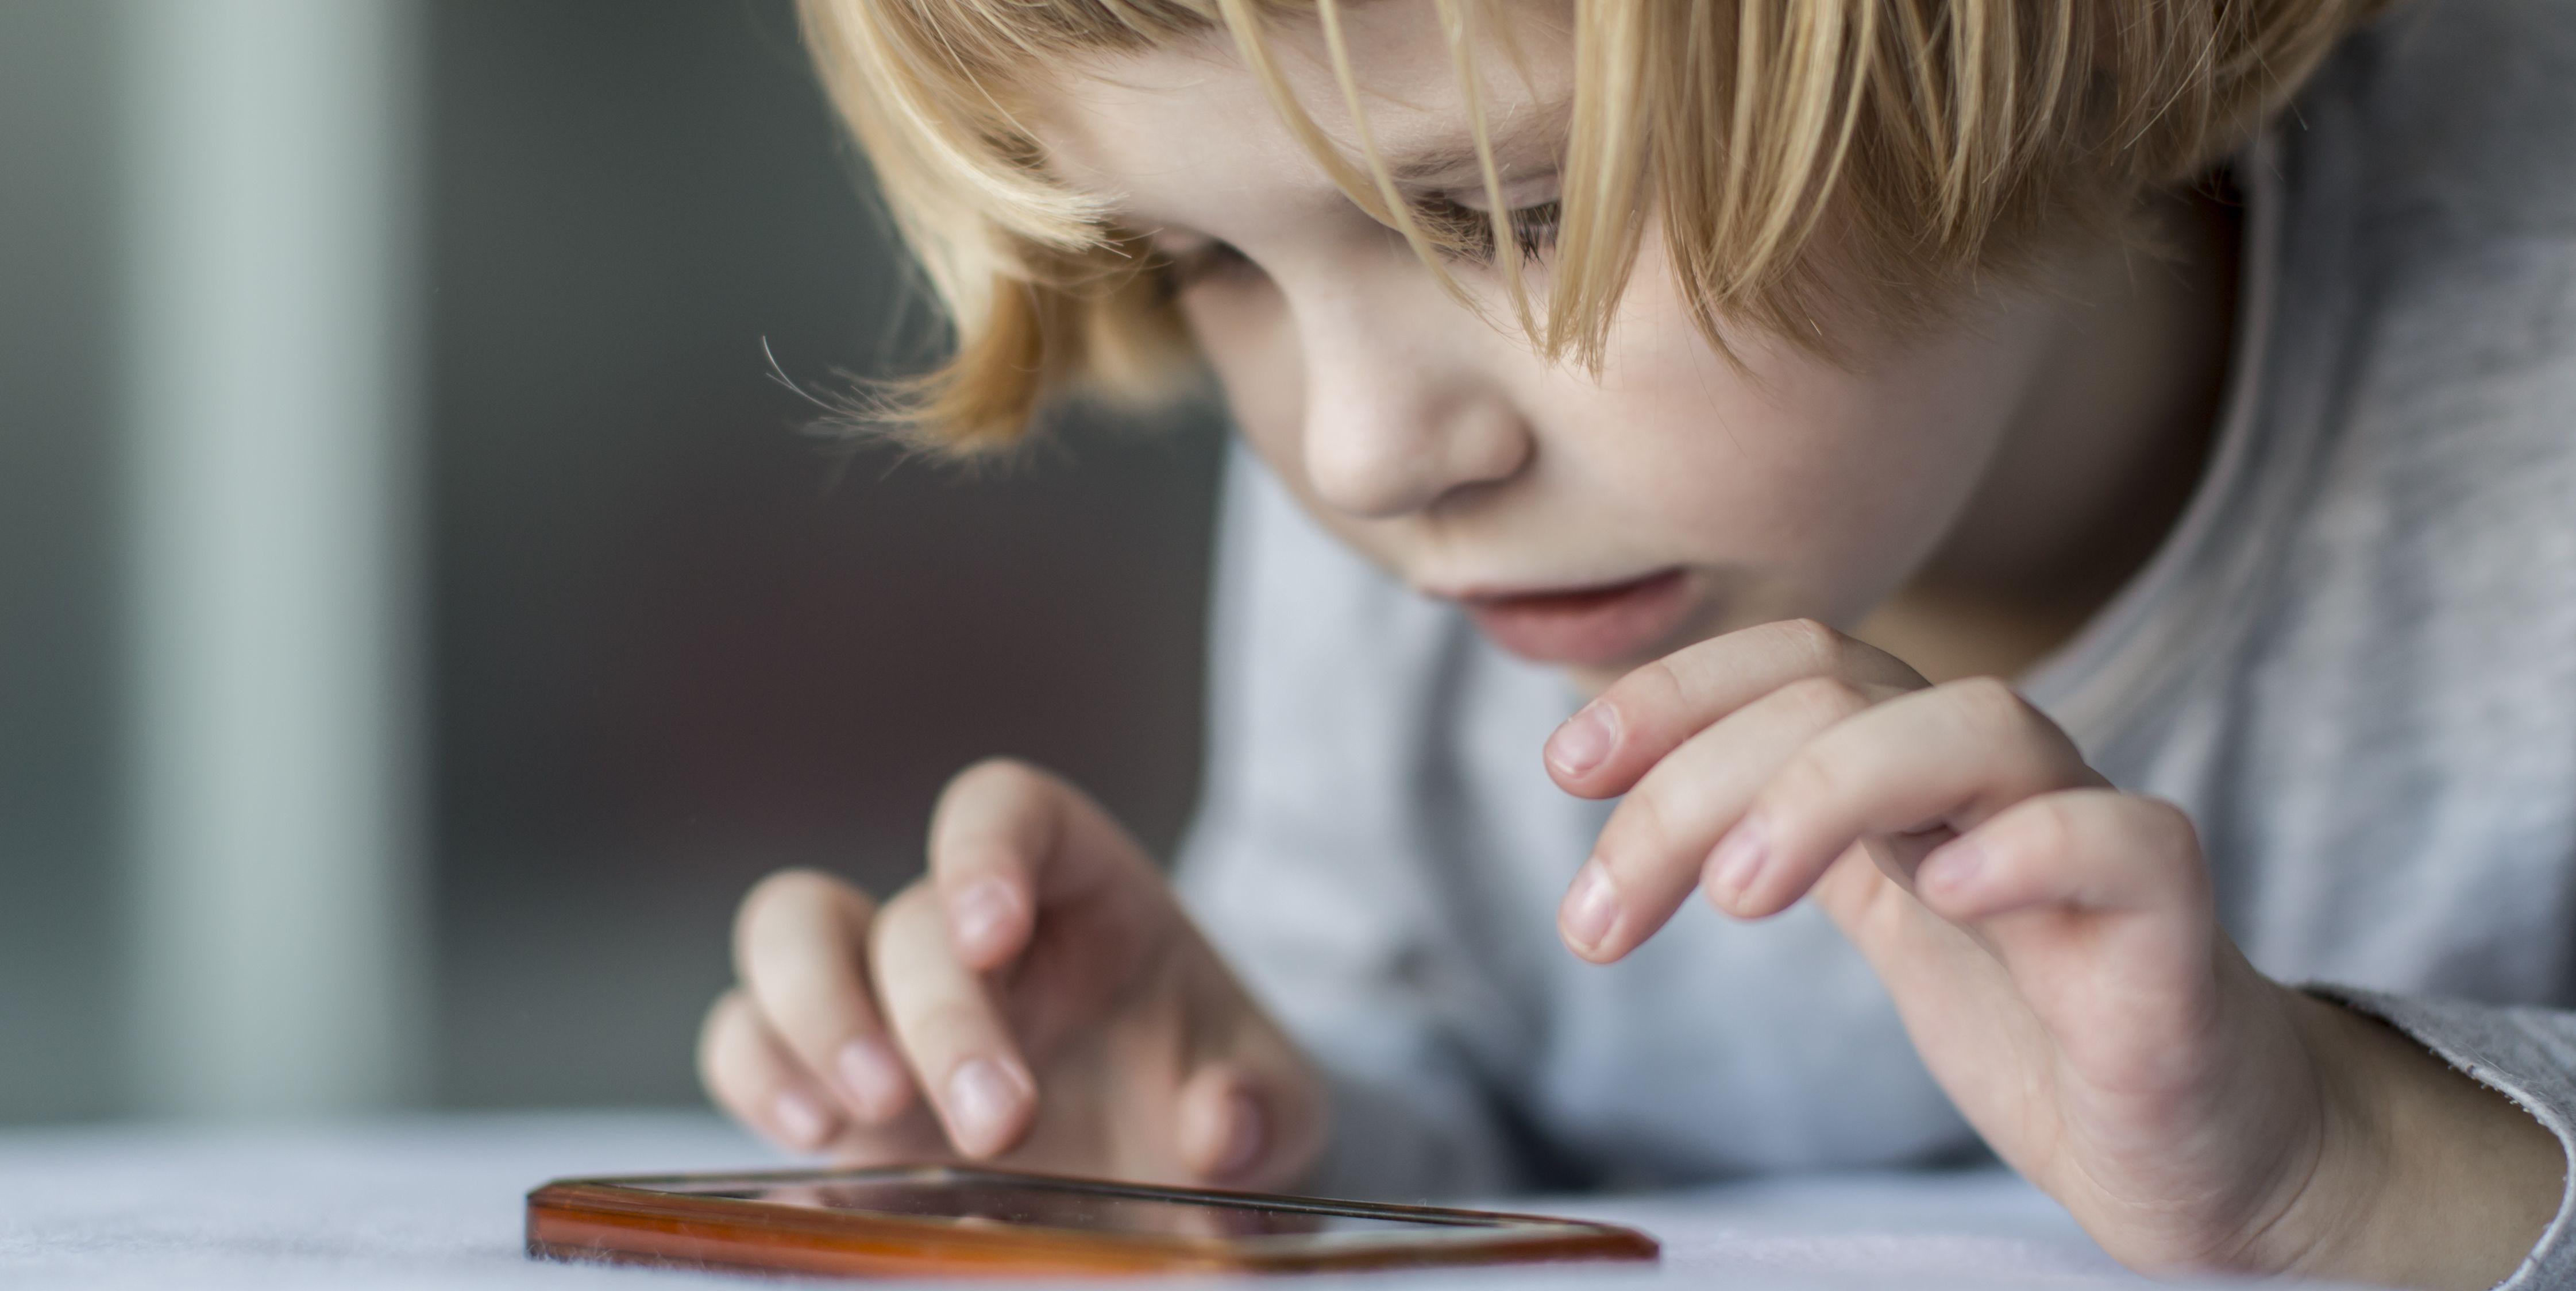 La infancia en España, cada vez más digitalizada